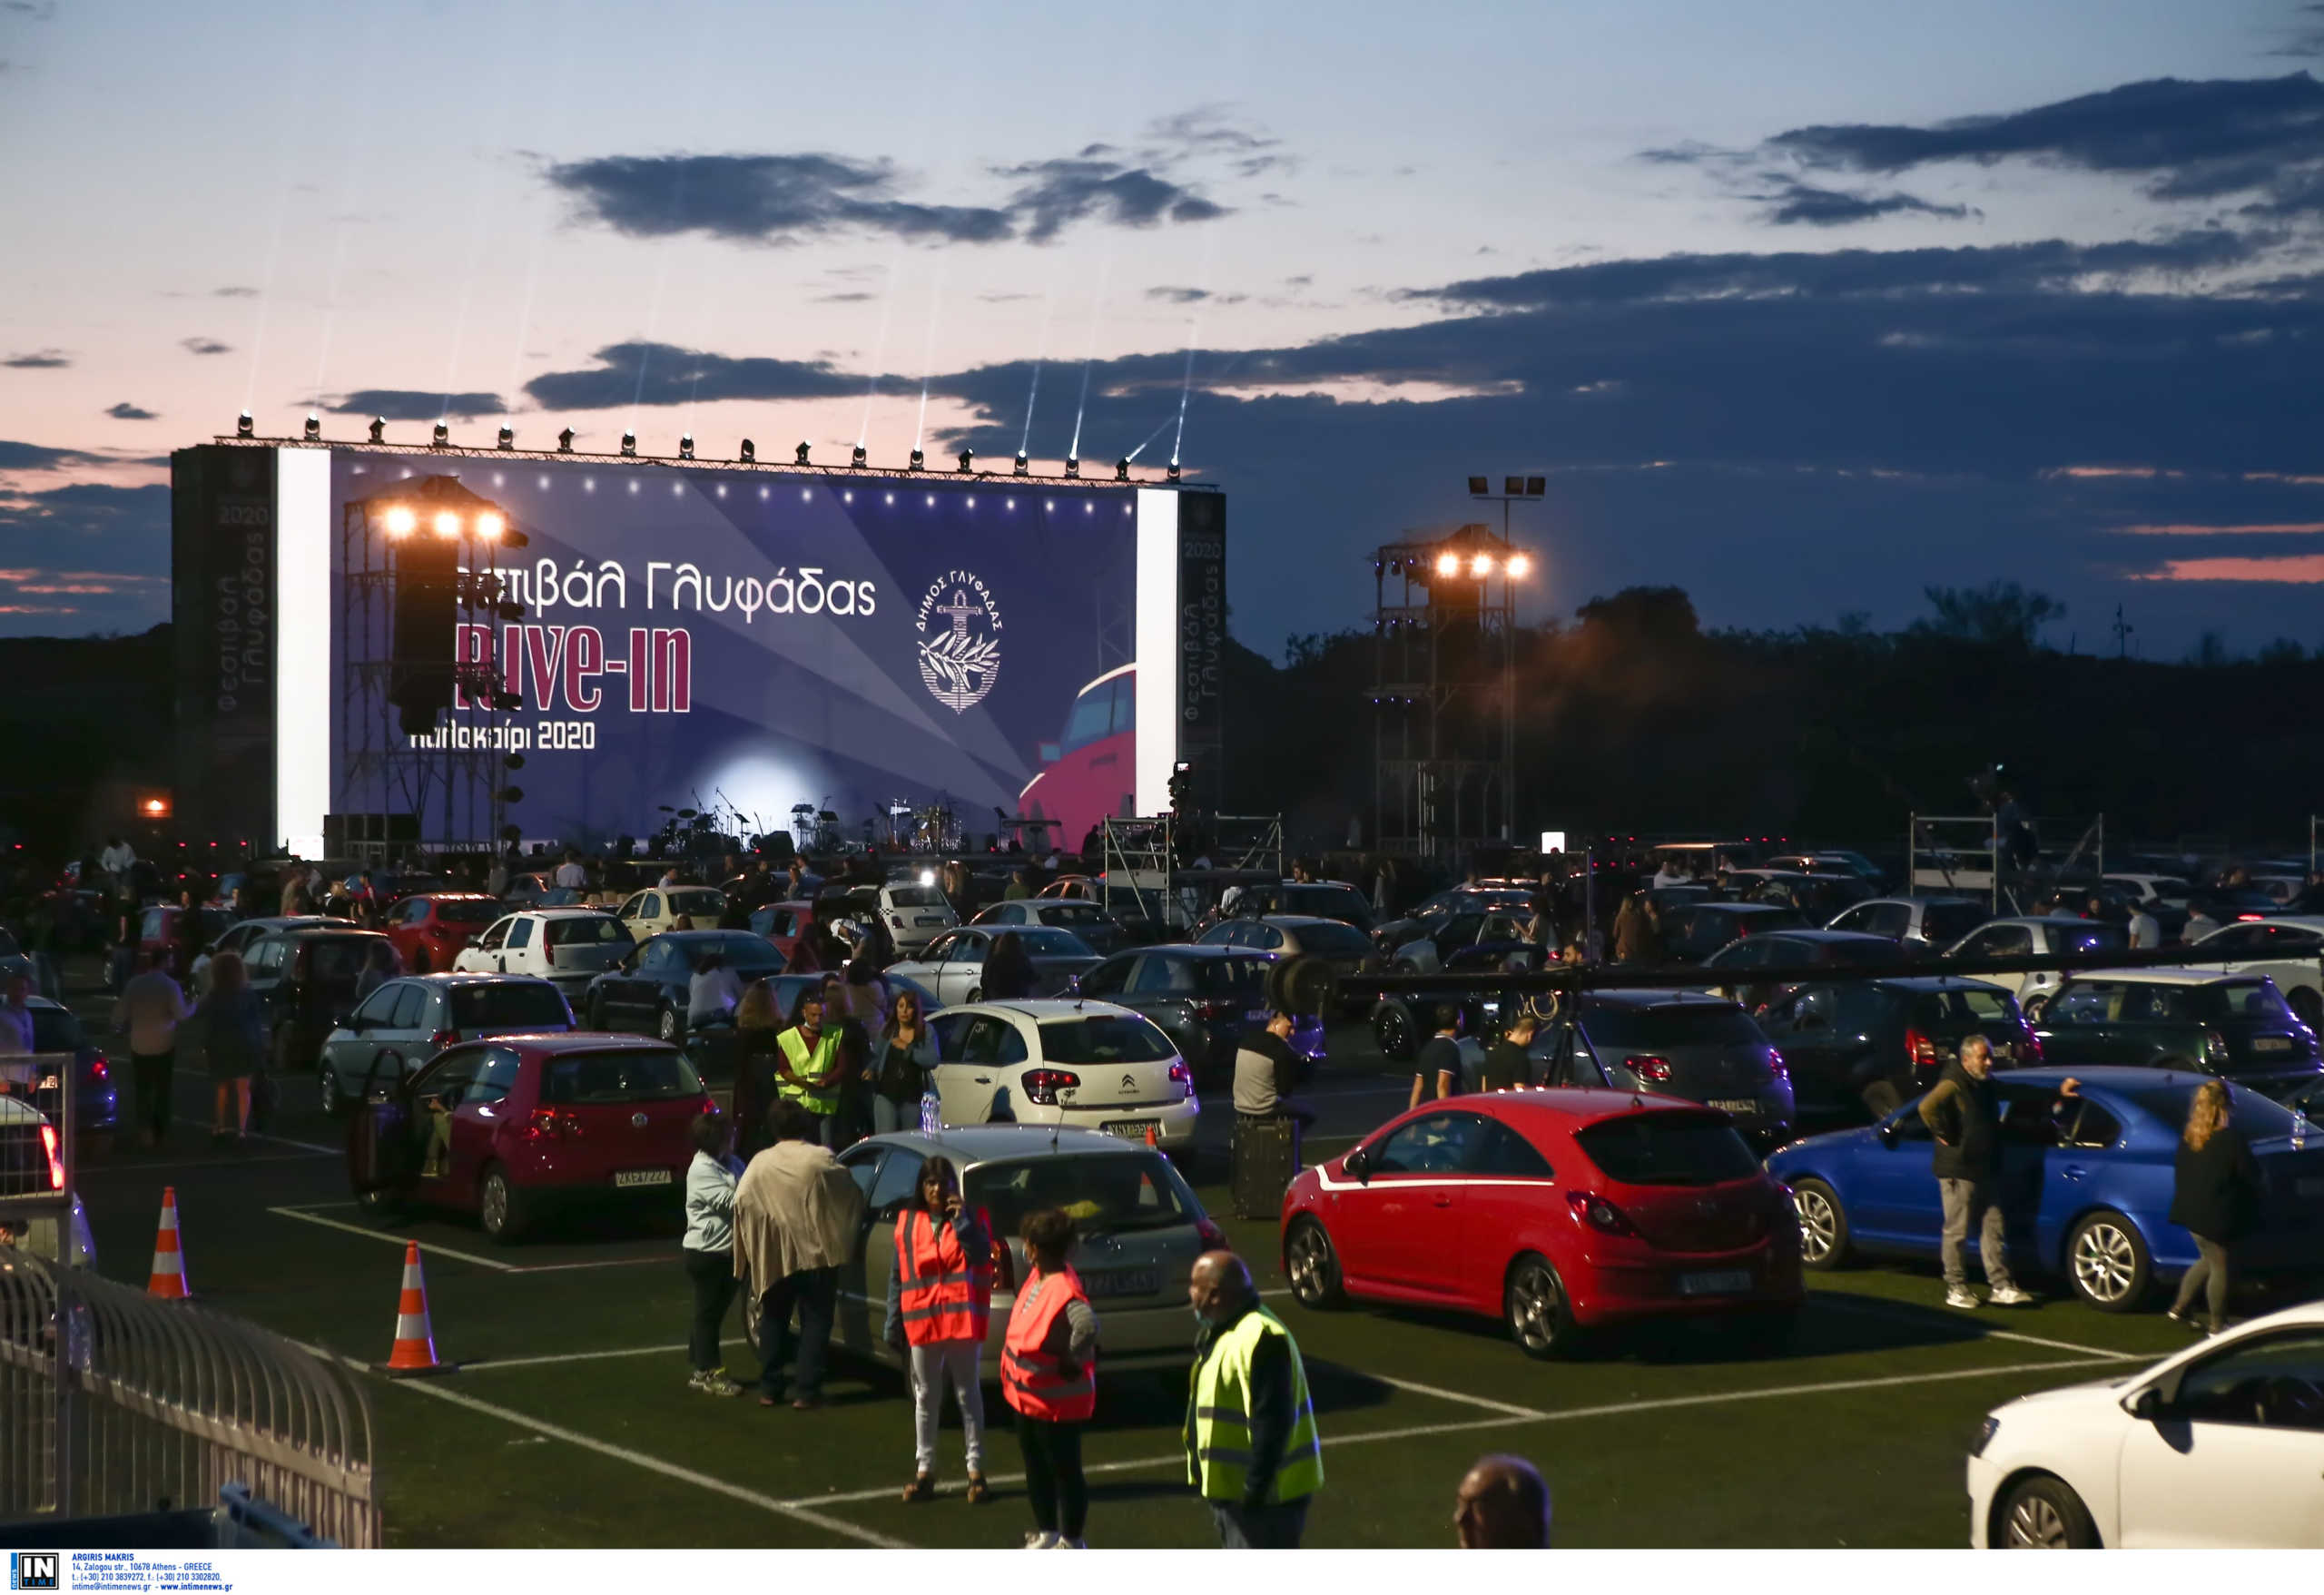 Η Νατάσα Θεοδωρίδου ήταν εκεί! Η πρώτη drive in συναυλία έγινε στην Γλυφάδα! (pics)